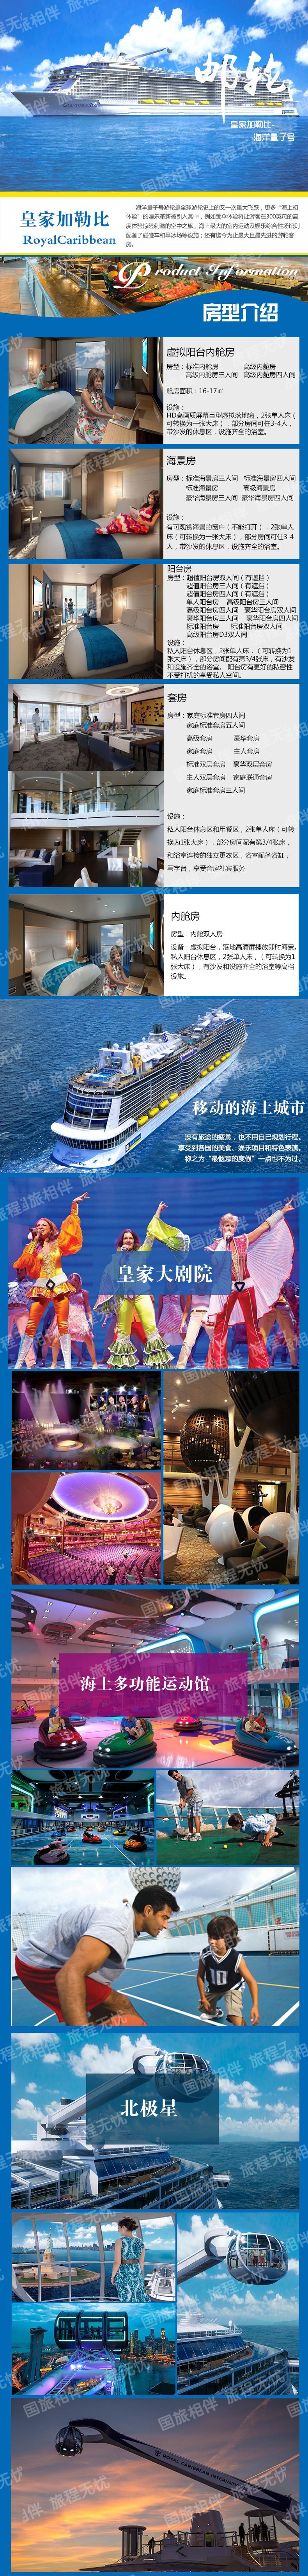 【错峰出游】【皇家加勒比-海洋量子号】09月27日上海